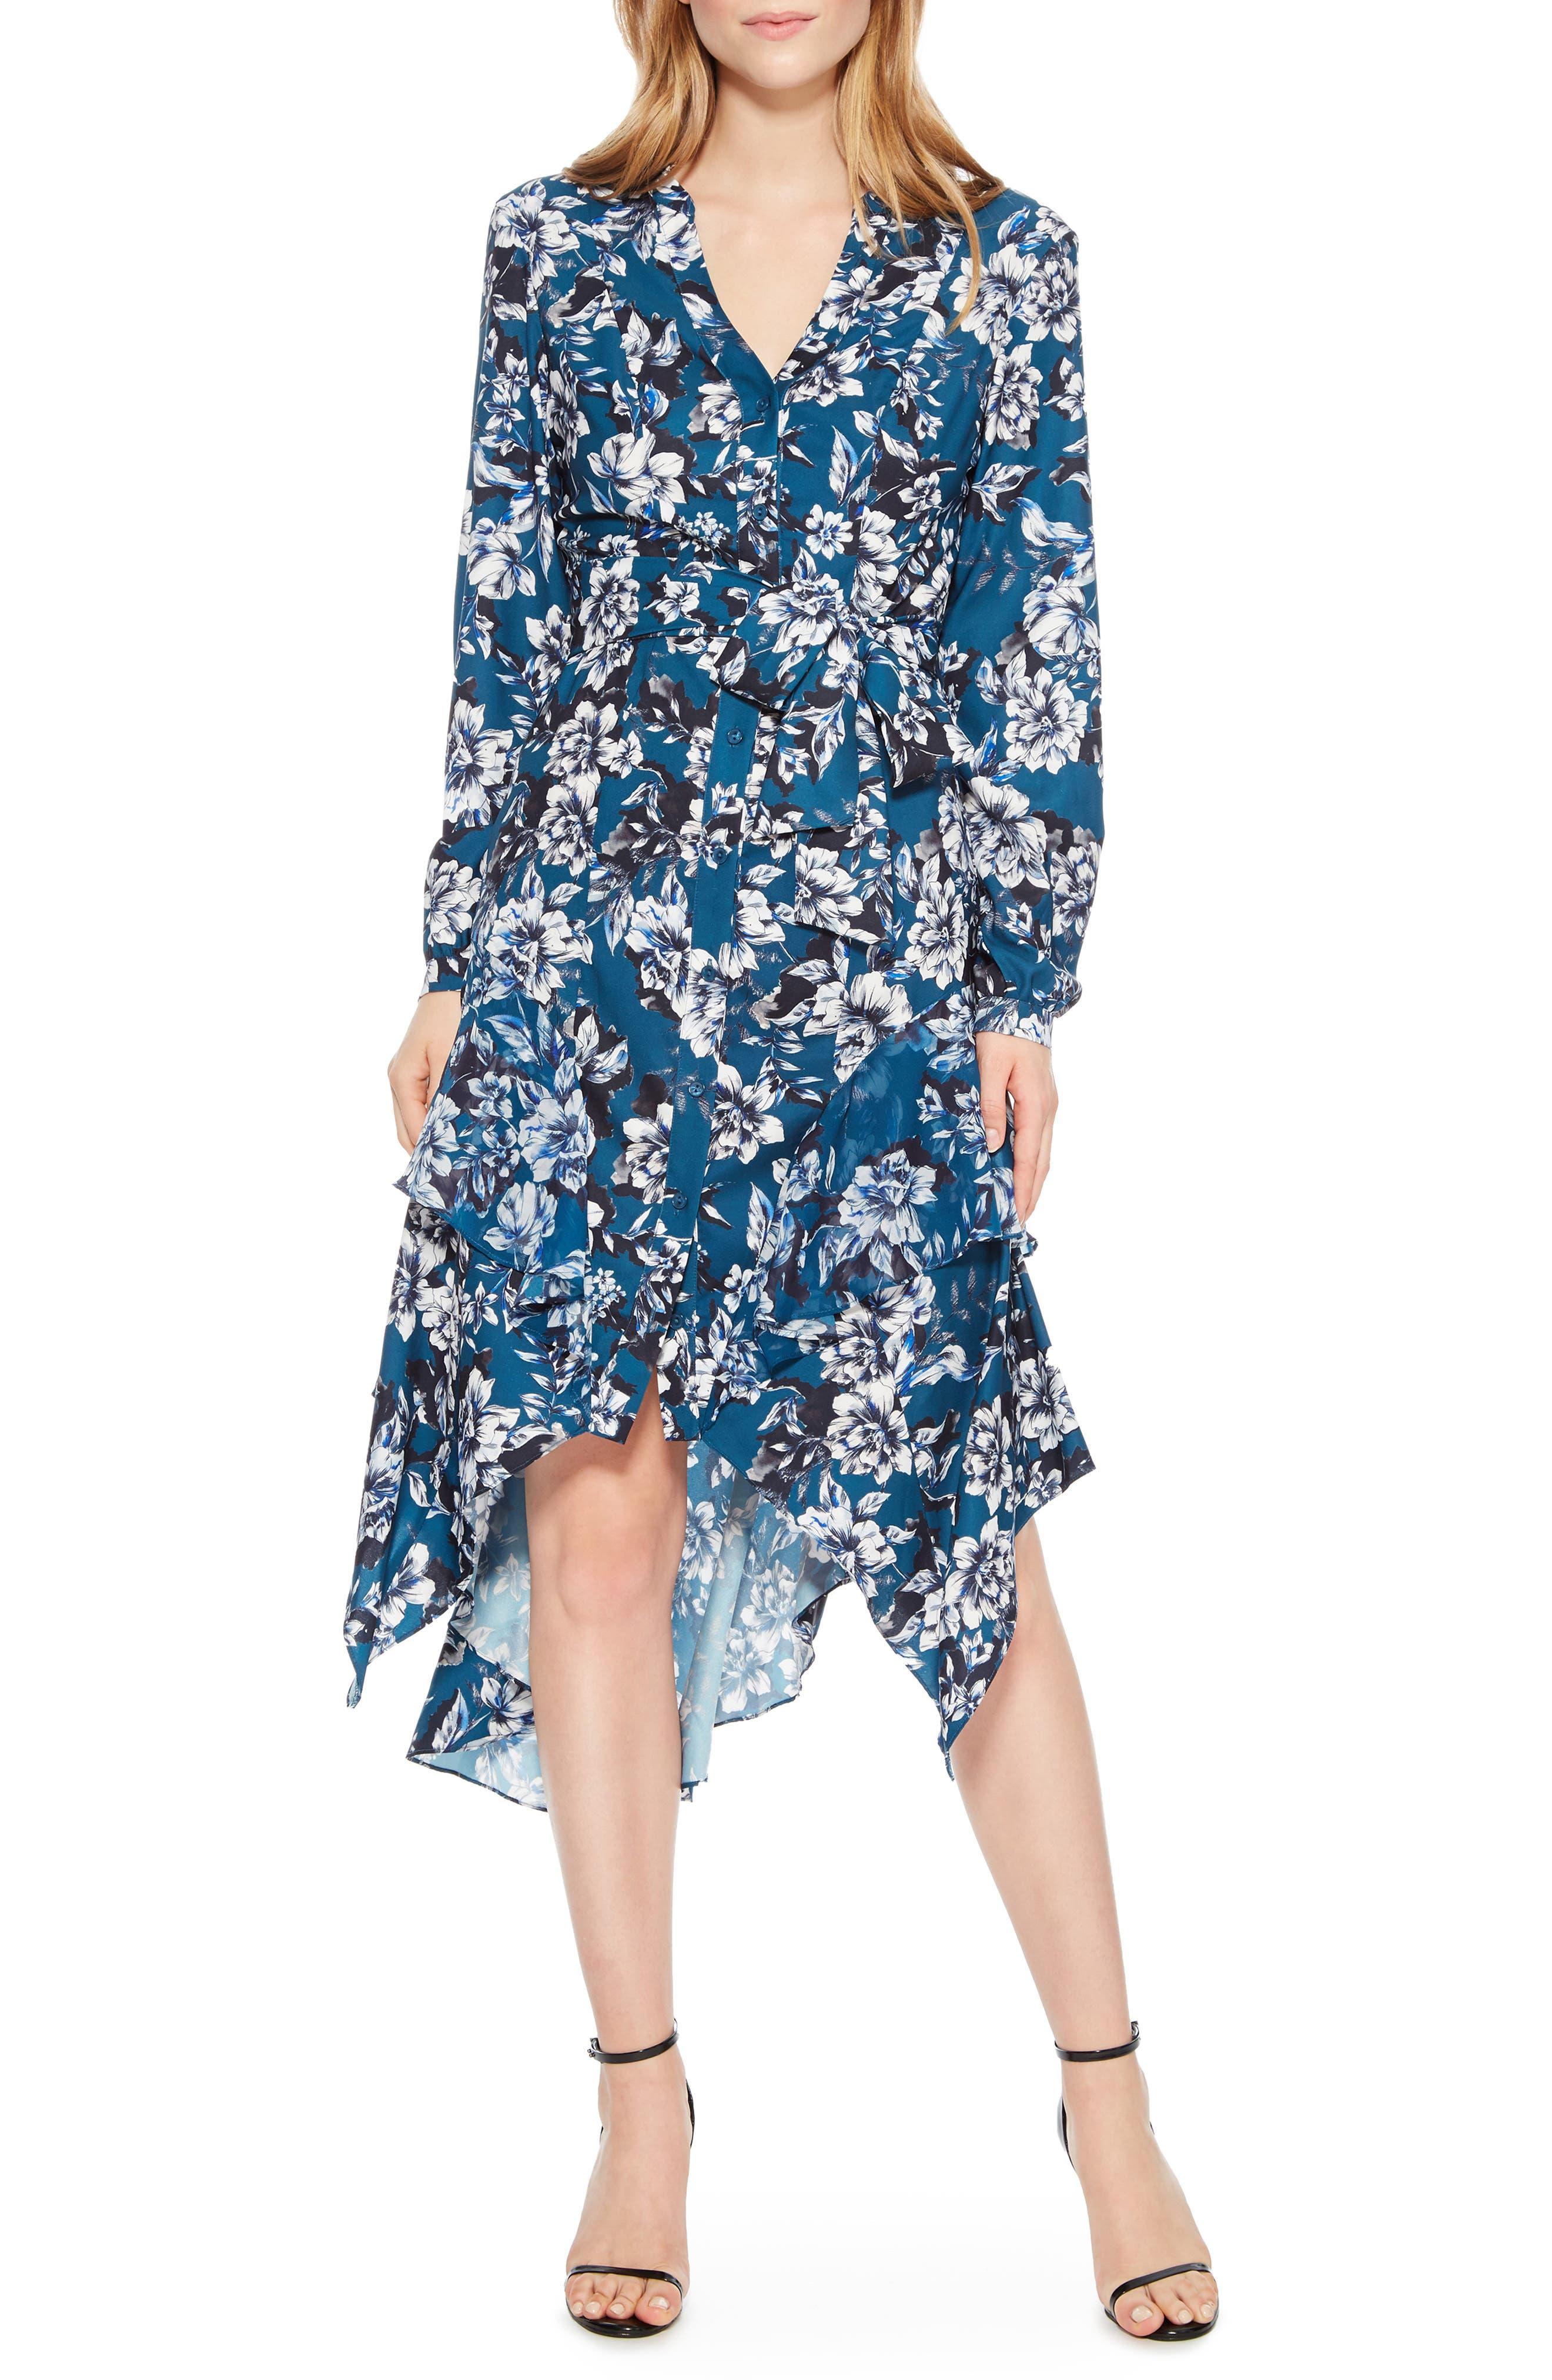 Estella Asymmetrical Floral Shirtdress,                         Main,                         color, EVERGLADE GARDENS